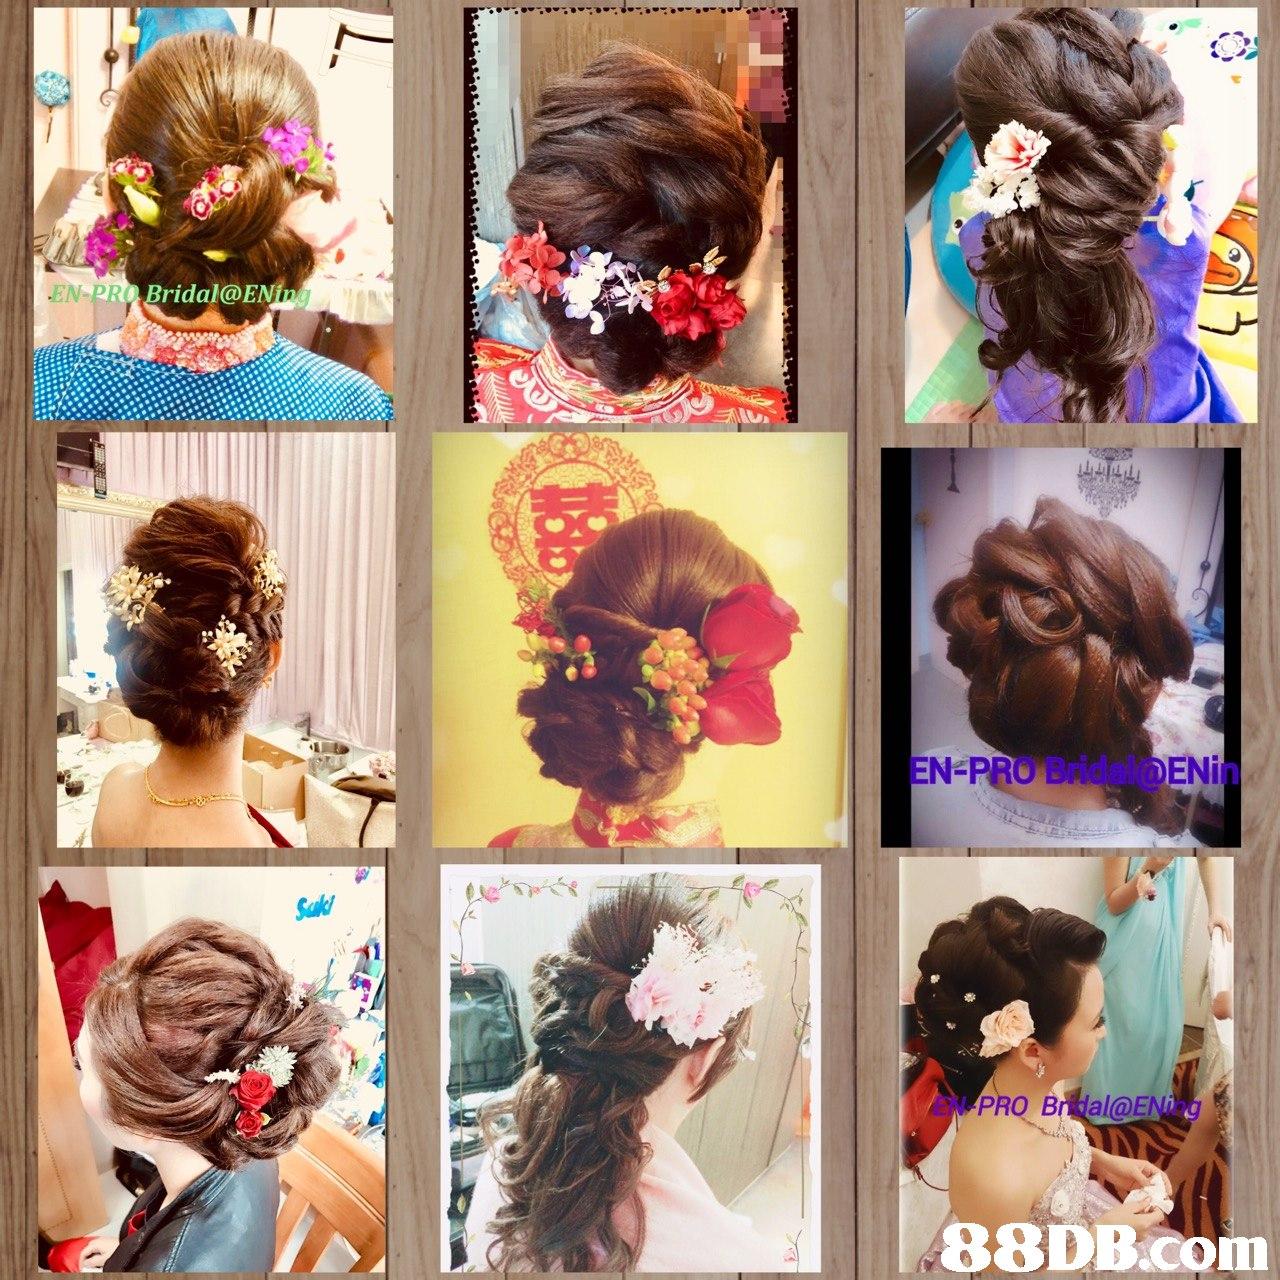 EN RO Bridal@EN EN-PRO Bridal@ENirn   hair,hairstyle,hair coloring,long hair,wig